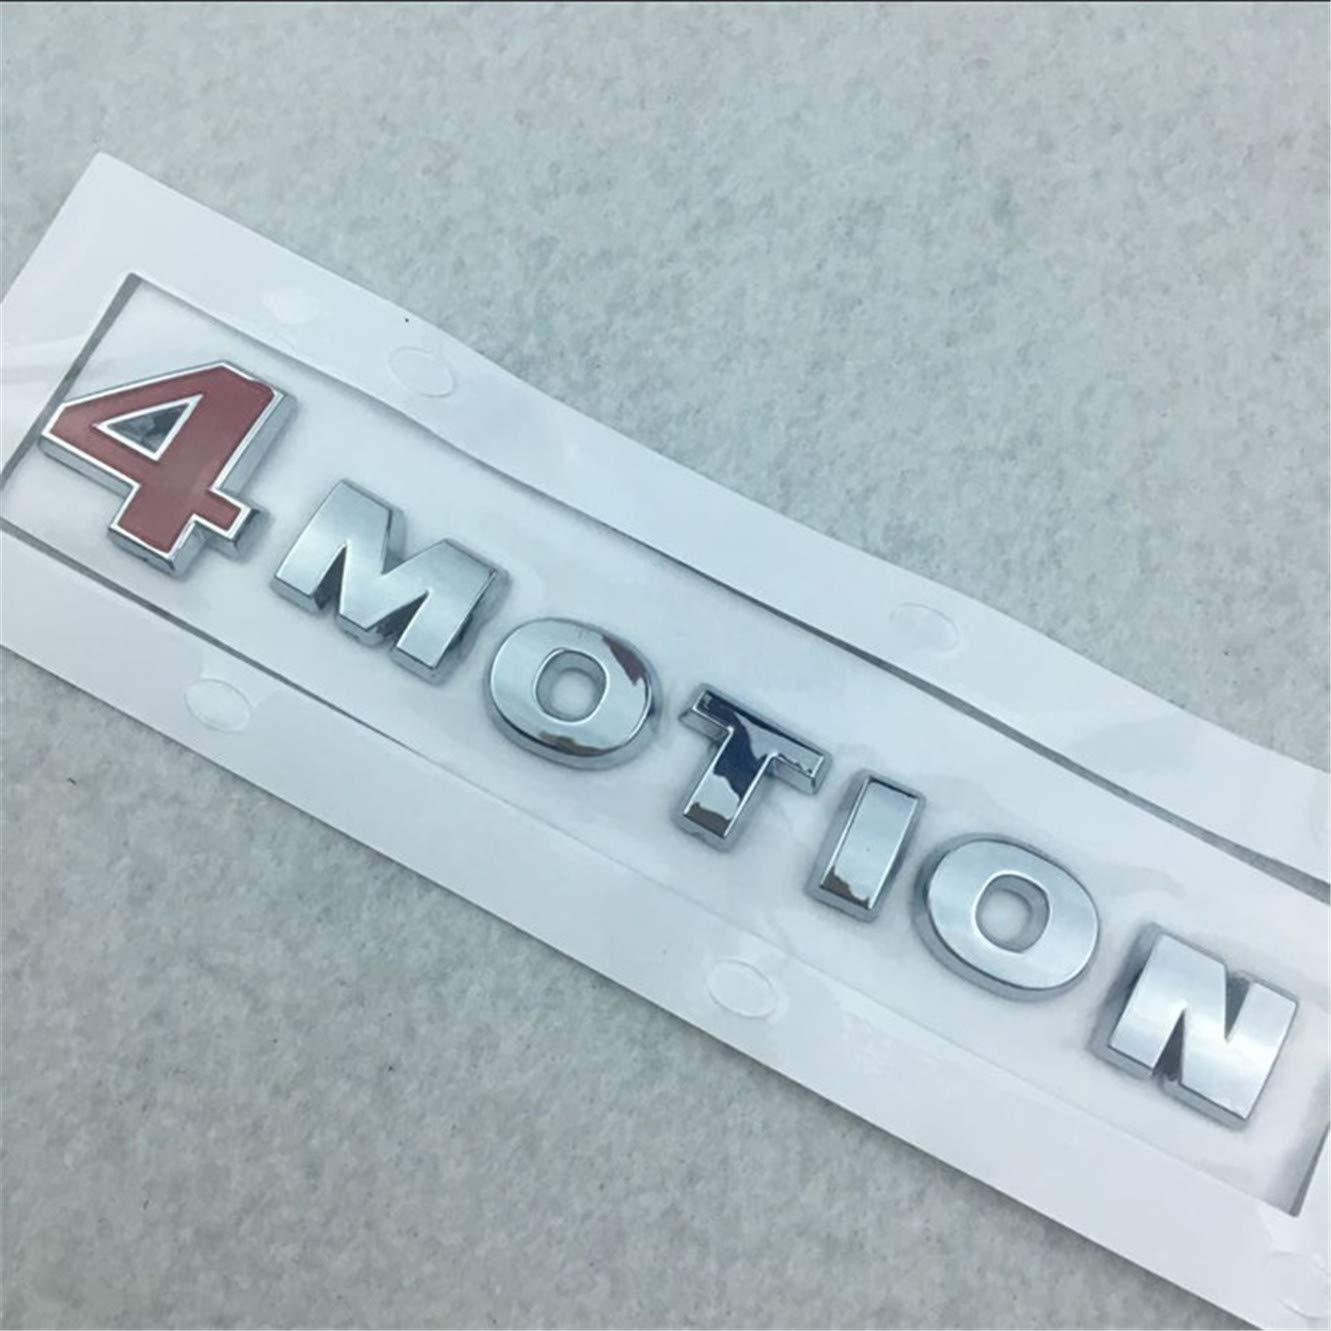 dise/ño de logotipo 4MOTION Pegatina para la parte trasera del coche